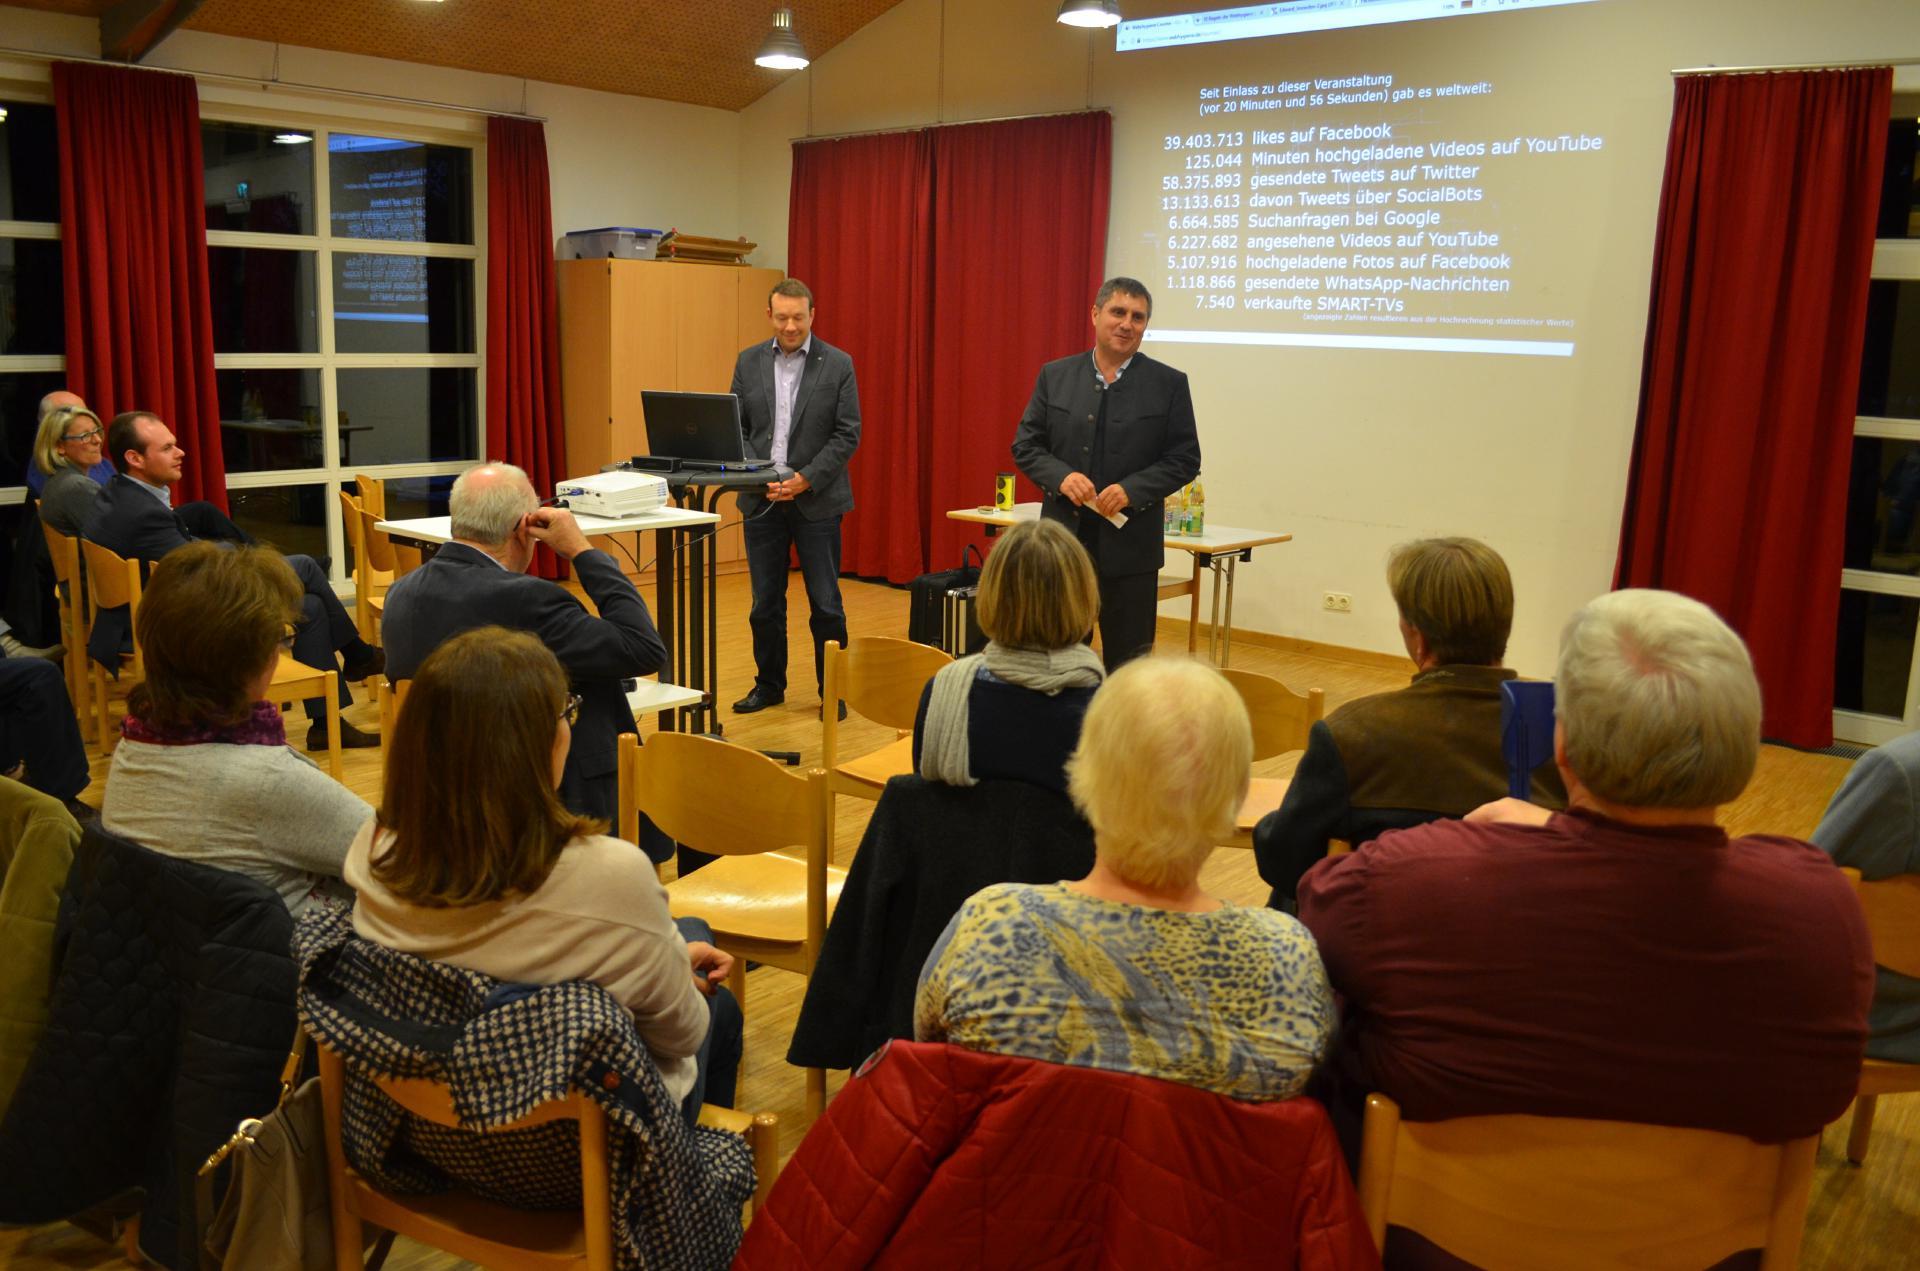 Herr Merkel aus der Vorstandschaft der Lebenshilfe Nürnberger Land begrüßt die Elternschaft und den Referenten Herrn Weber zur Abendveranstaltung.